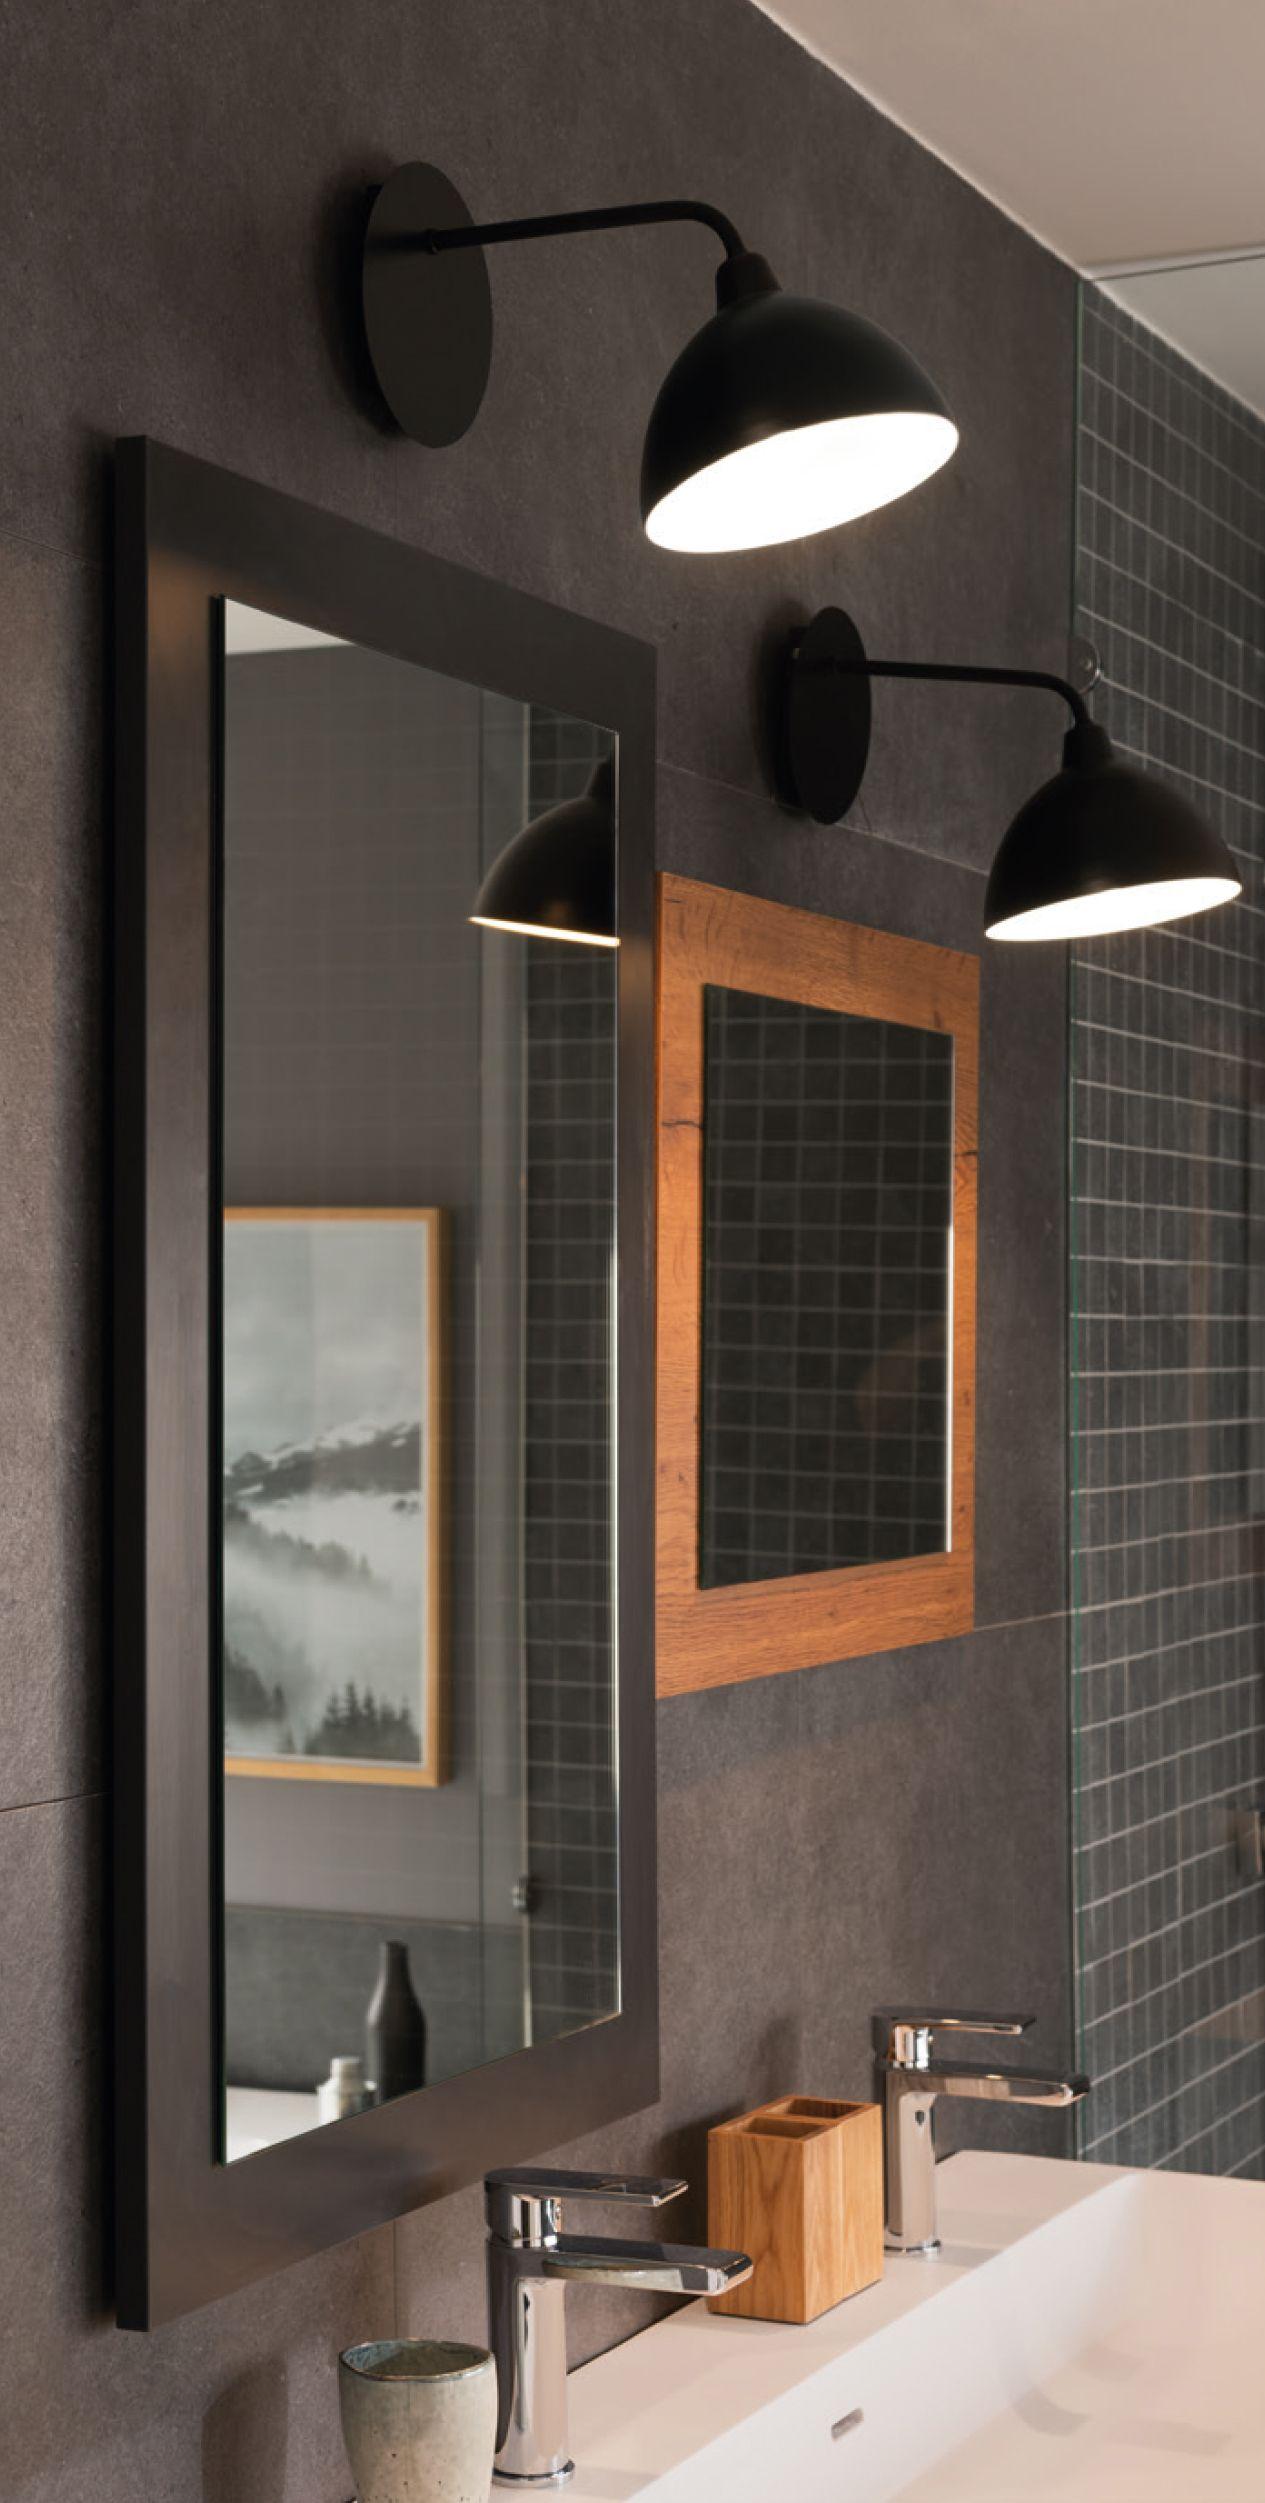 Luminaire De Salle De Bains Style Vintage Noir Mat Miroir